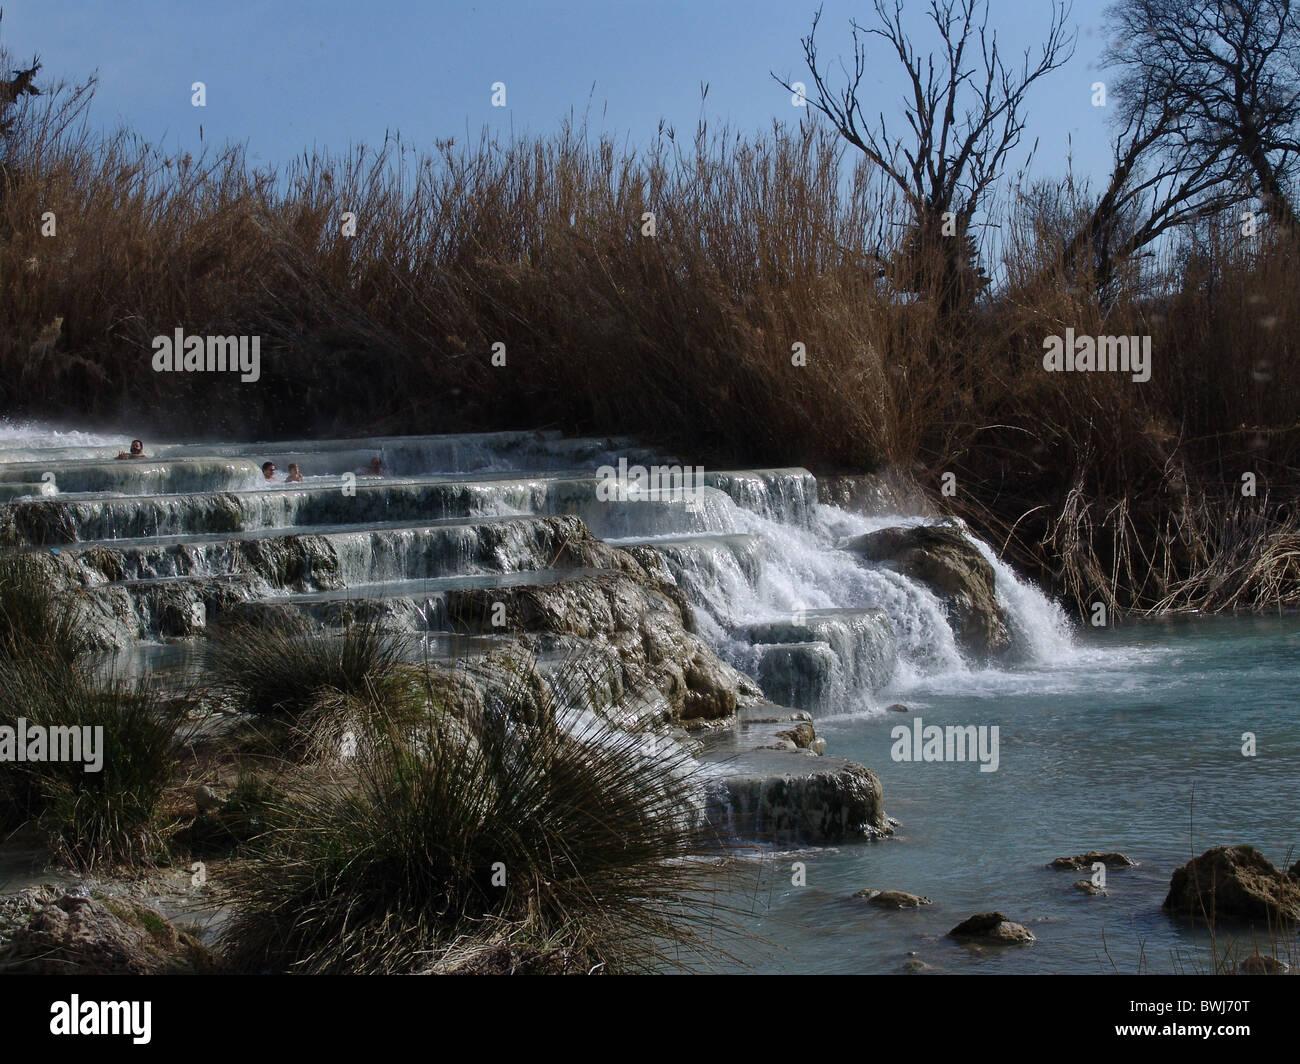 Saturnia Thermal Springs Immagini & Saturnia Thermal Springs Fotos ...